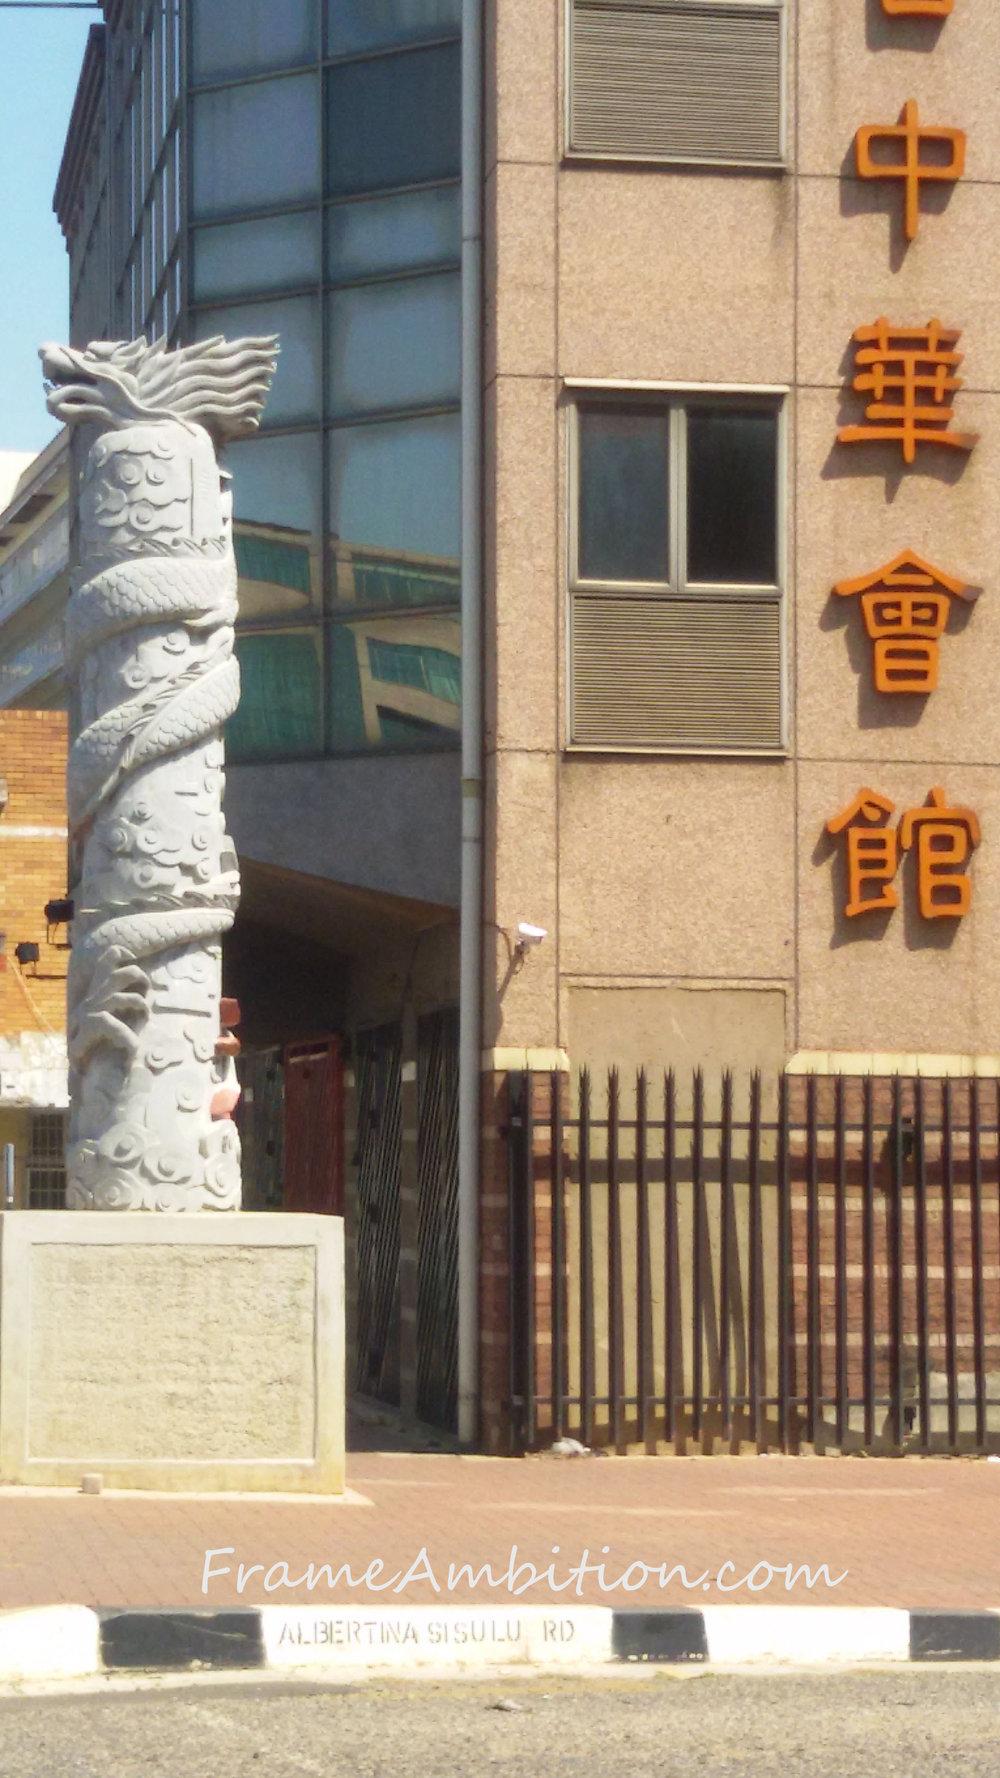 chinatown_chinese_characters_johannesburg